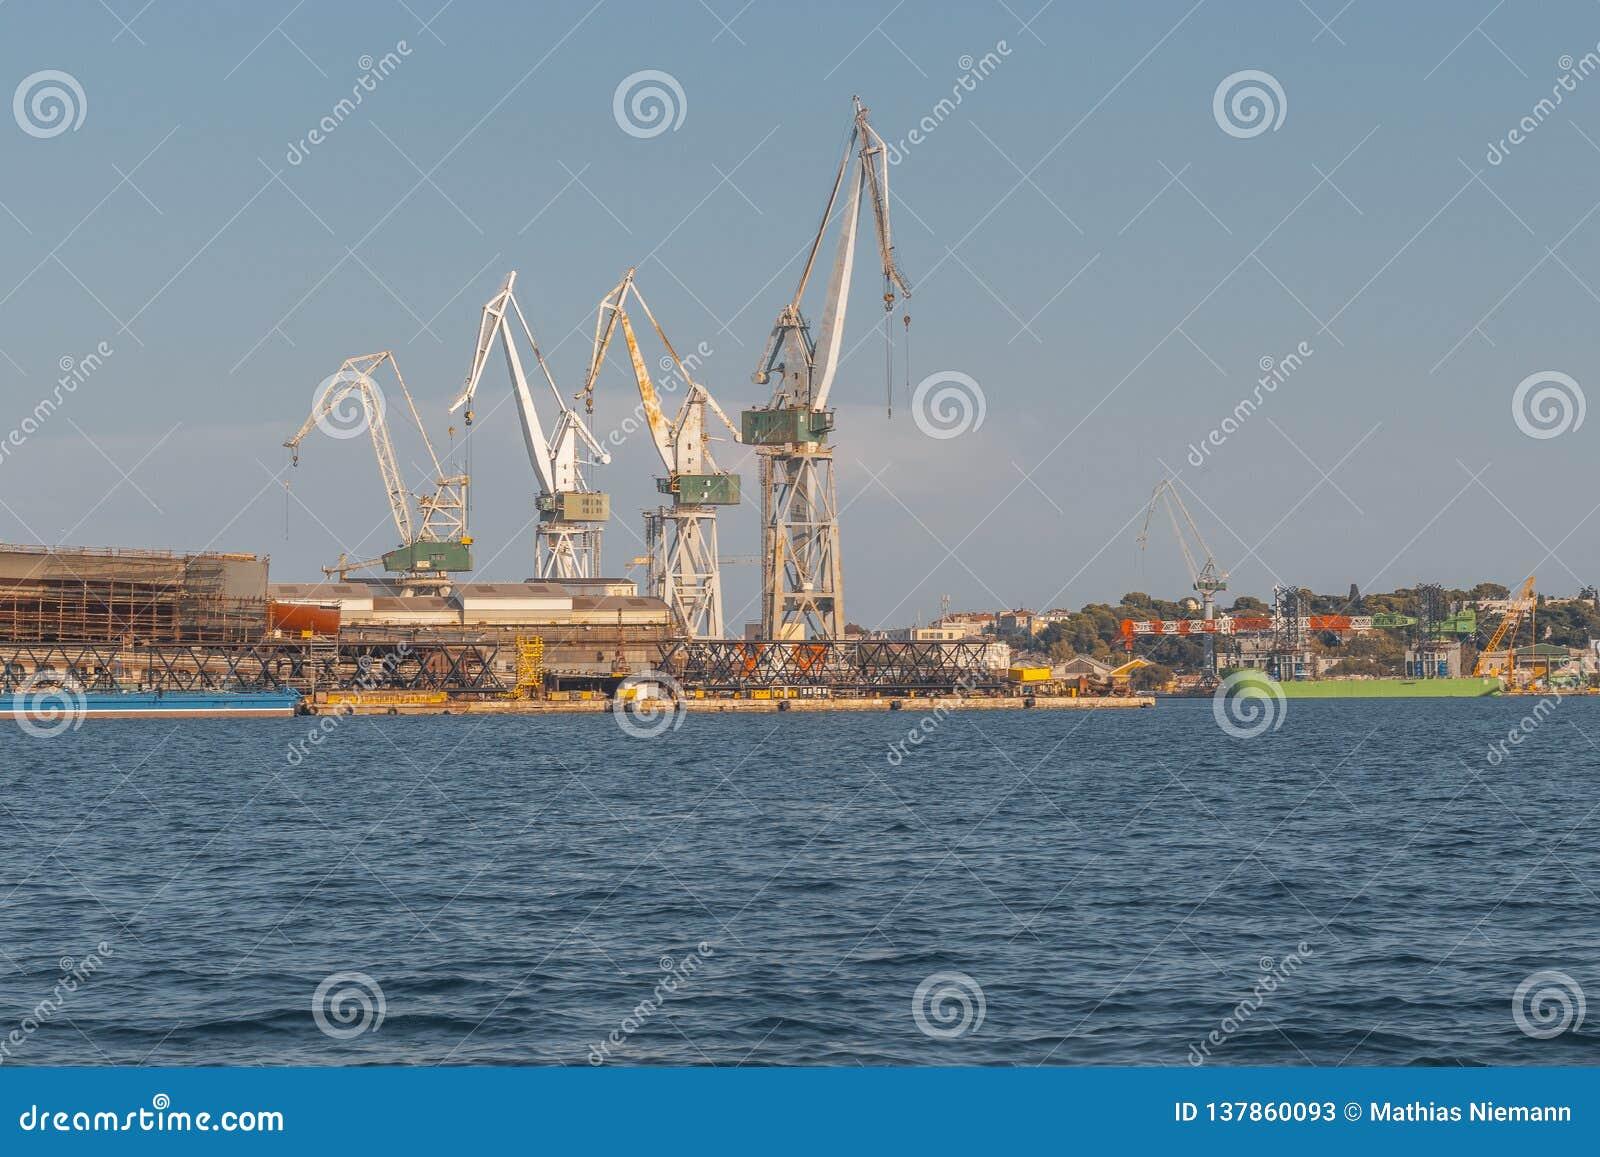 Kräne im Hafen von Pula